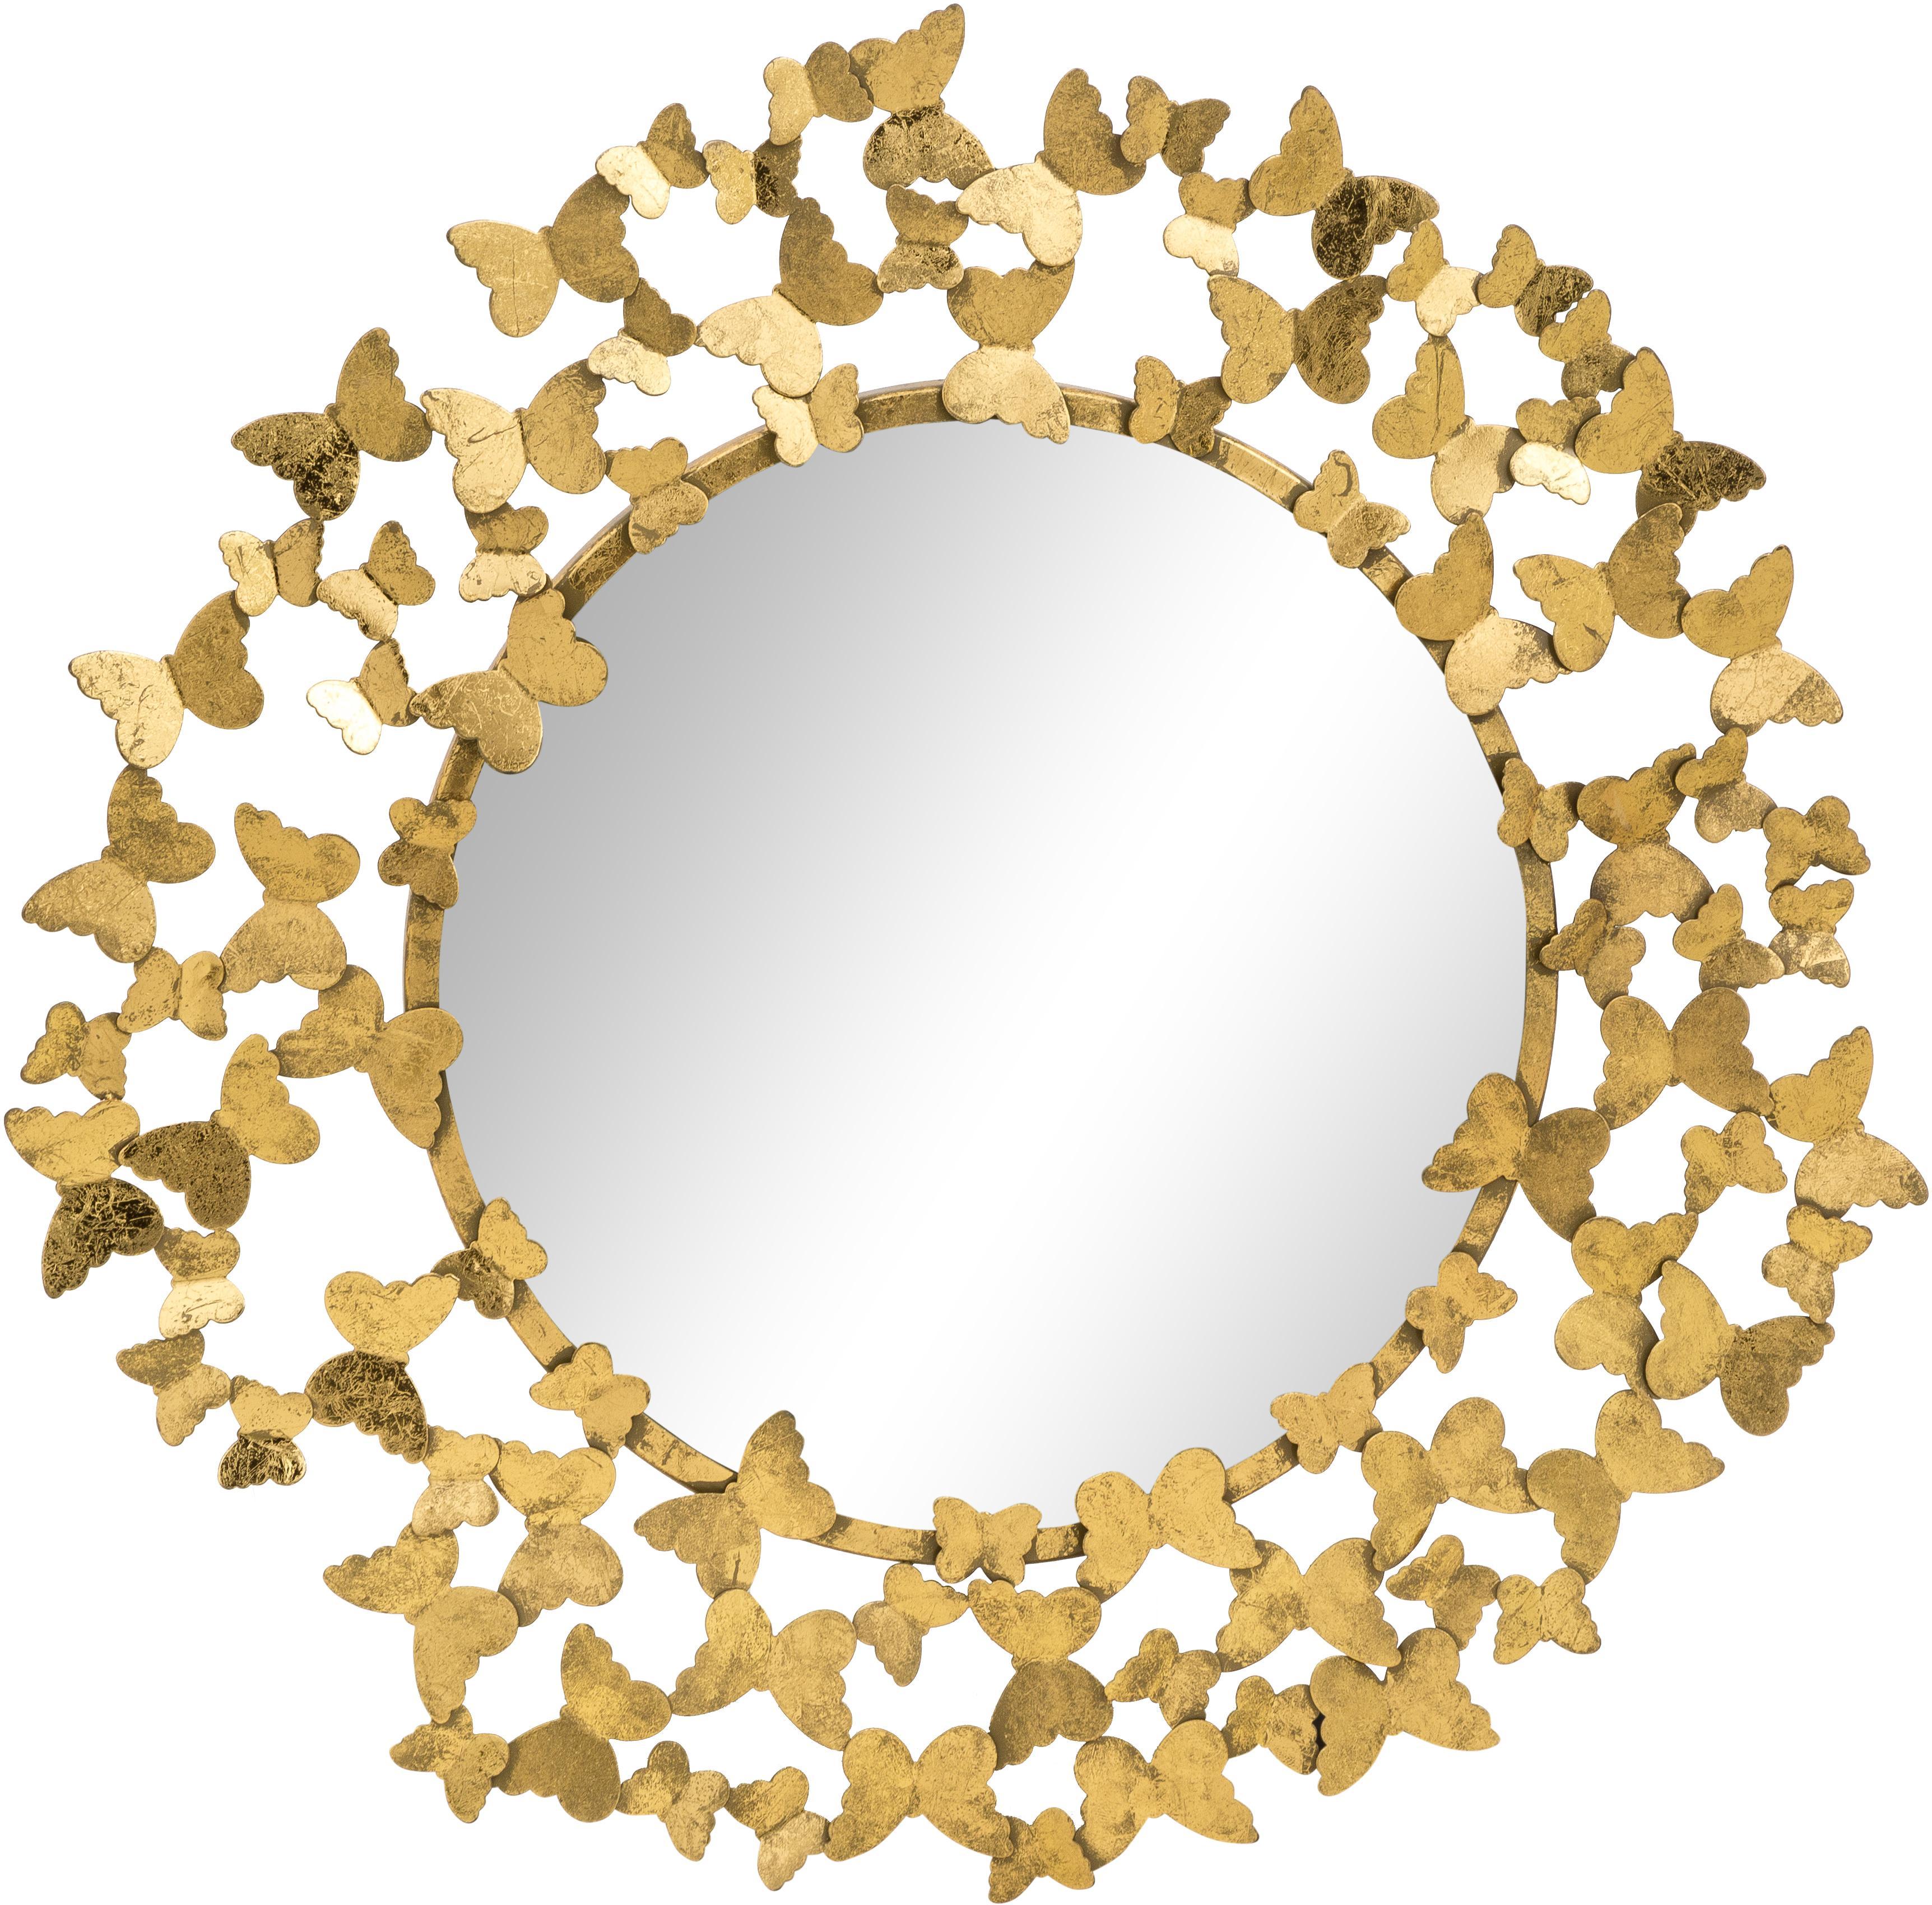 Runder Wandspiegel Butterfly mit Goldrahmen, Rahmen: Metall, Rückseite: Mitteldichte Holzfaserpla, Spiegelfläche: Spiegelglas, Goldfarben, Ø 92 cm